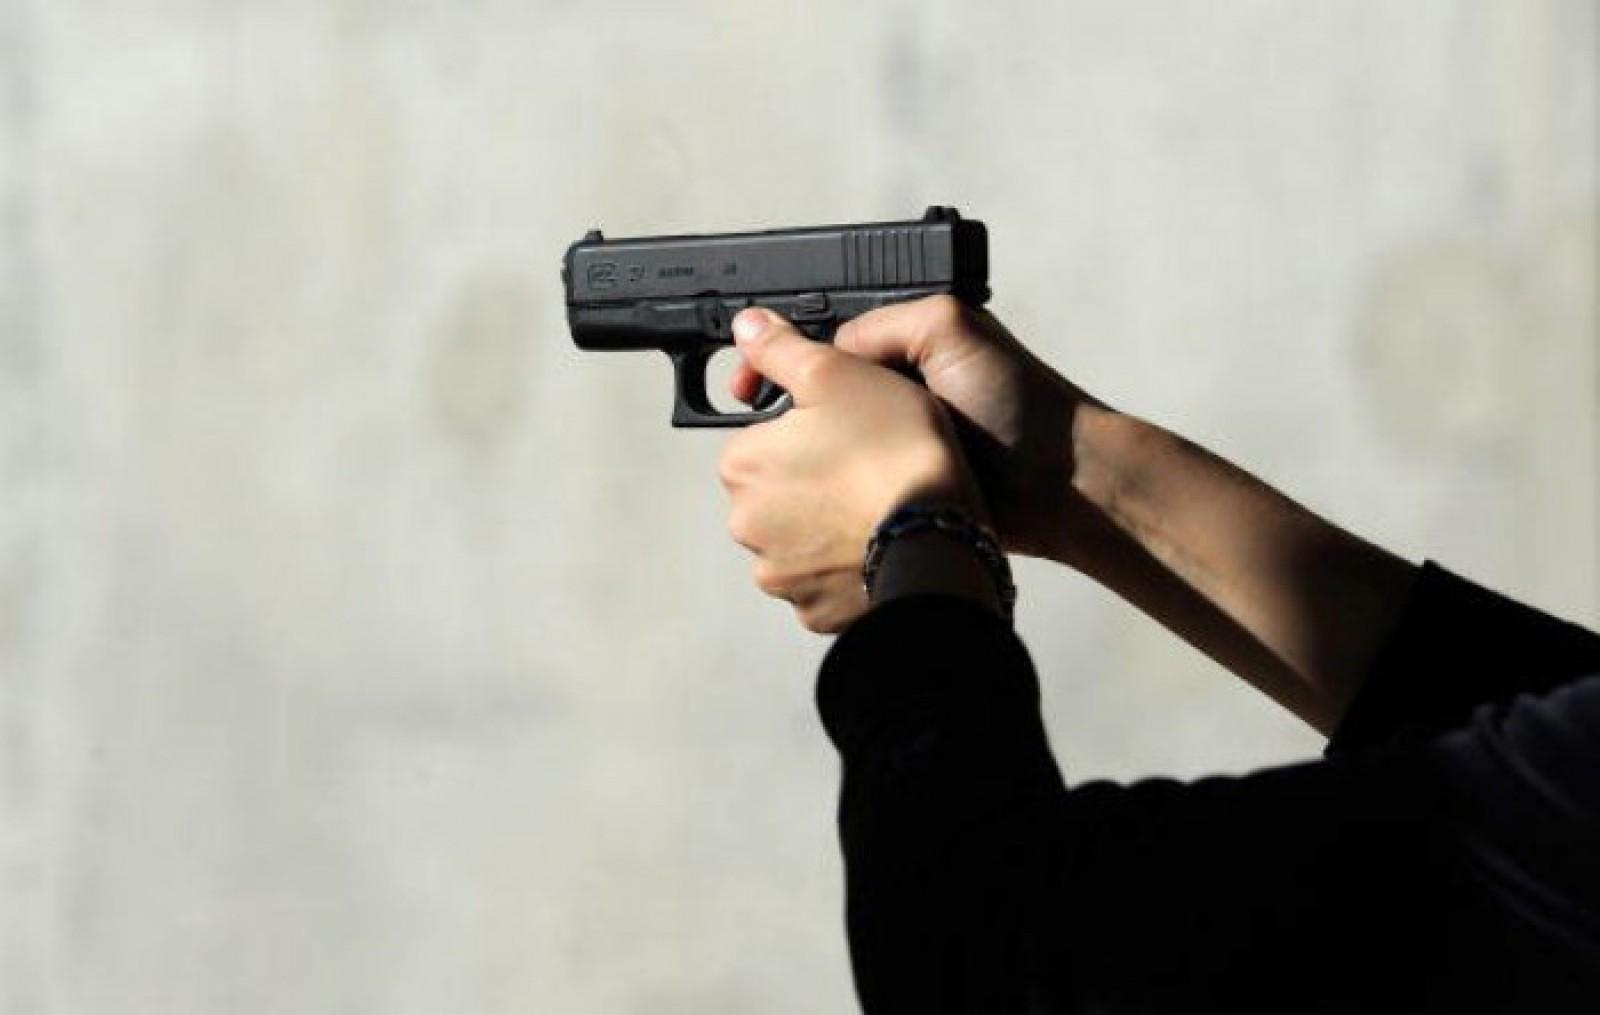 Cu arma la liceu: Un elev din Drochia, împușcat de un coleg, după ce acesta a venit la lecții cu un pistol